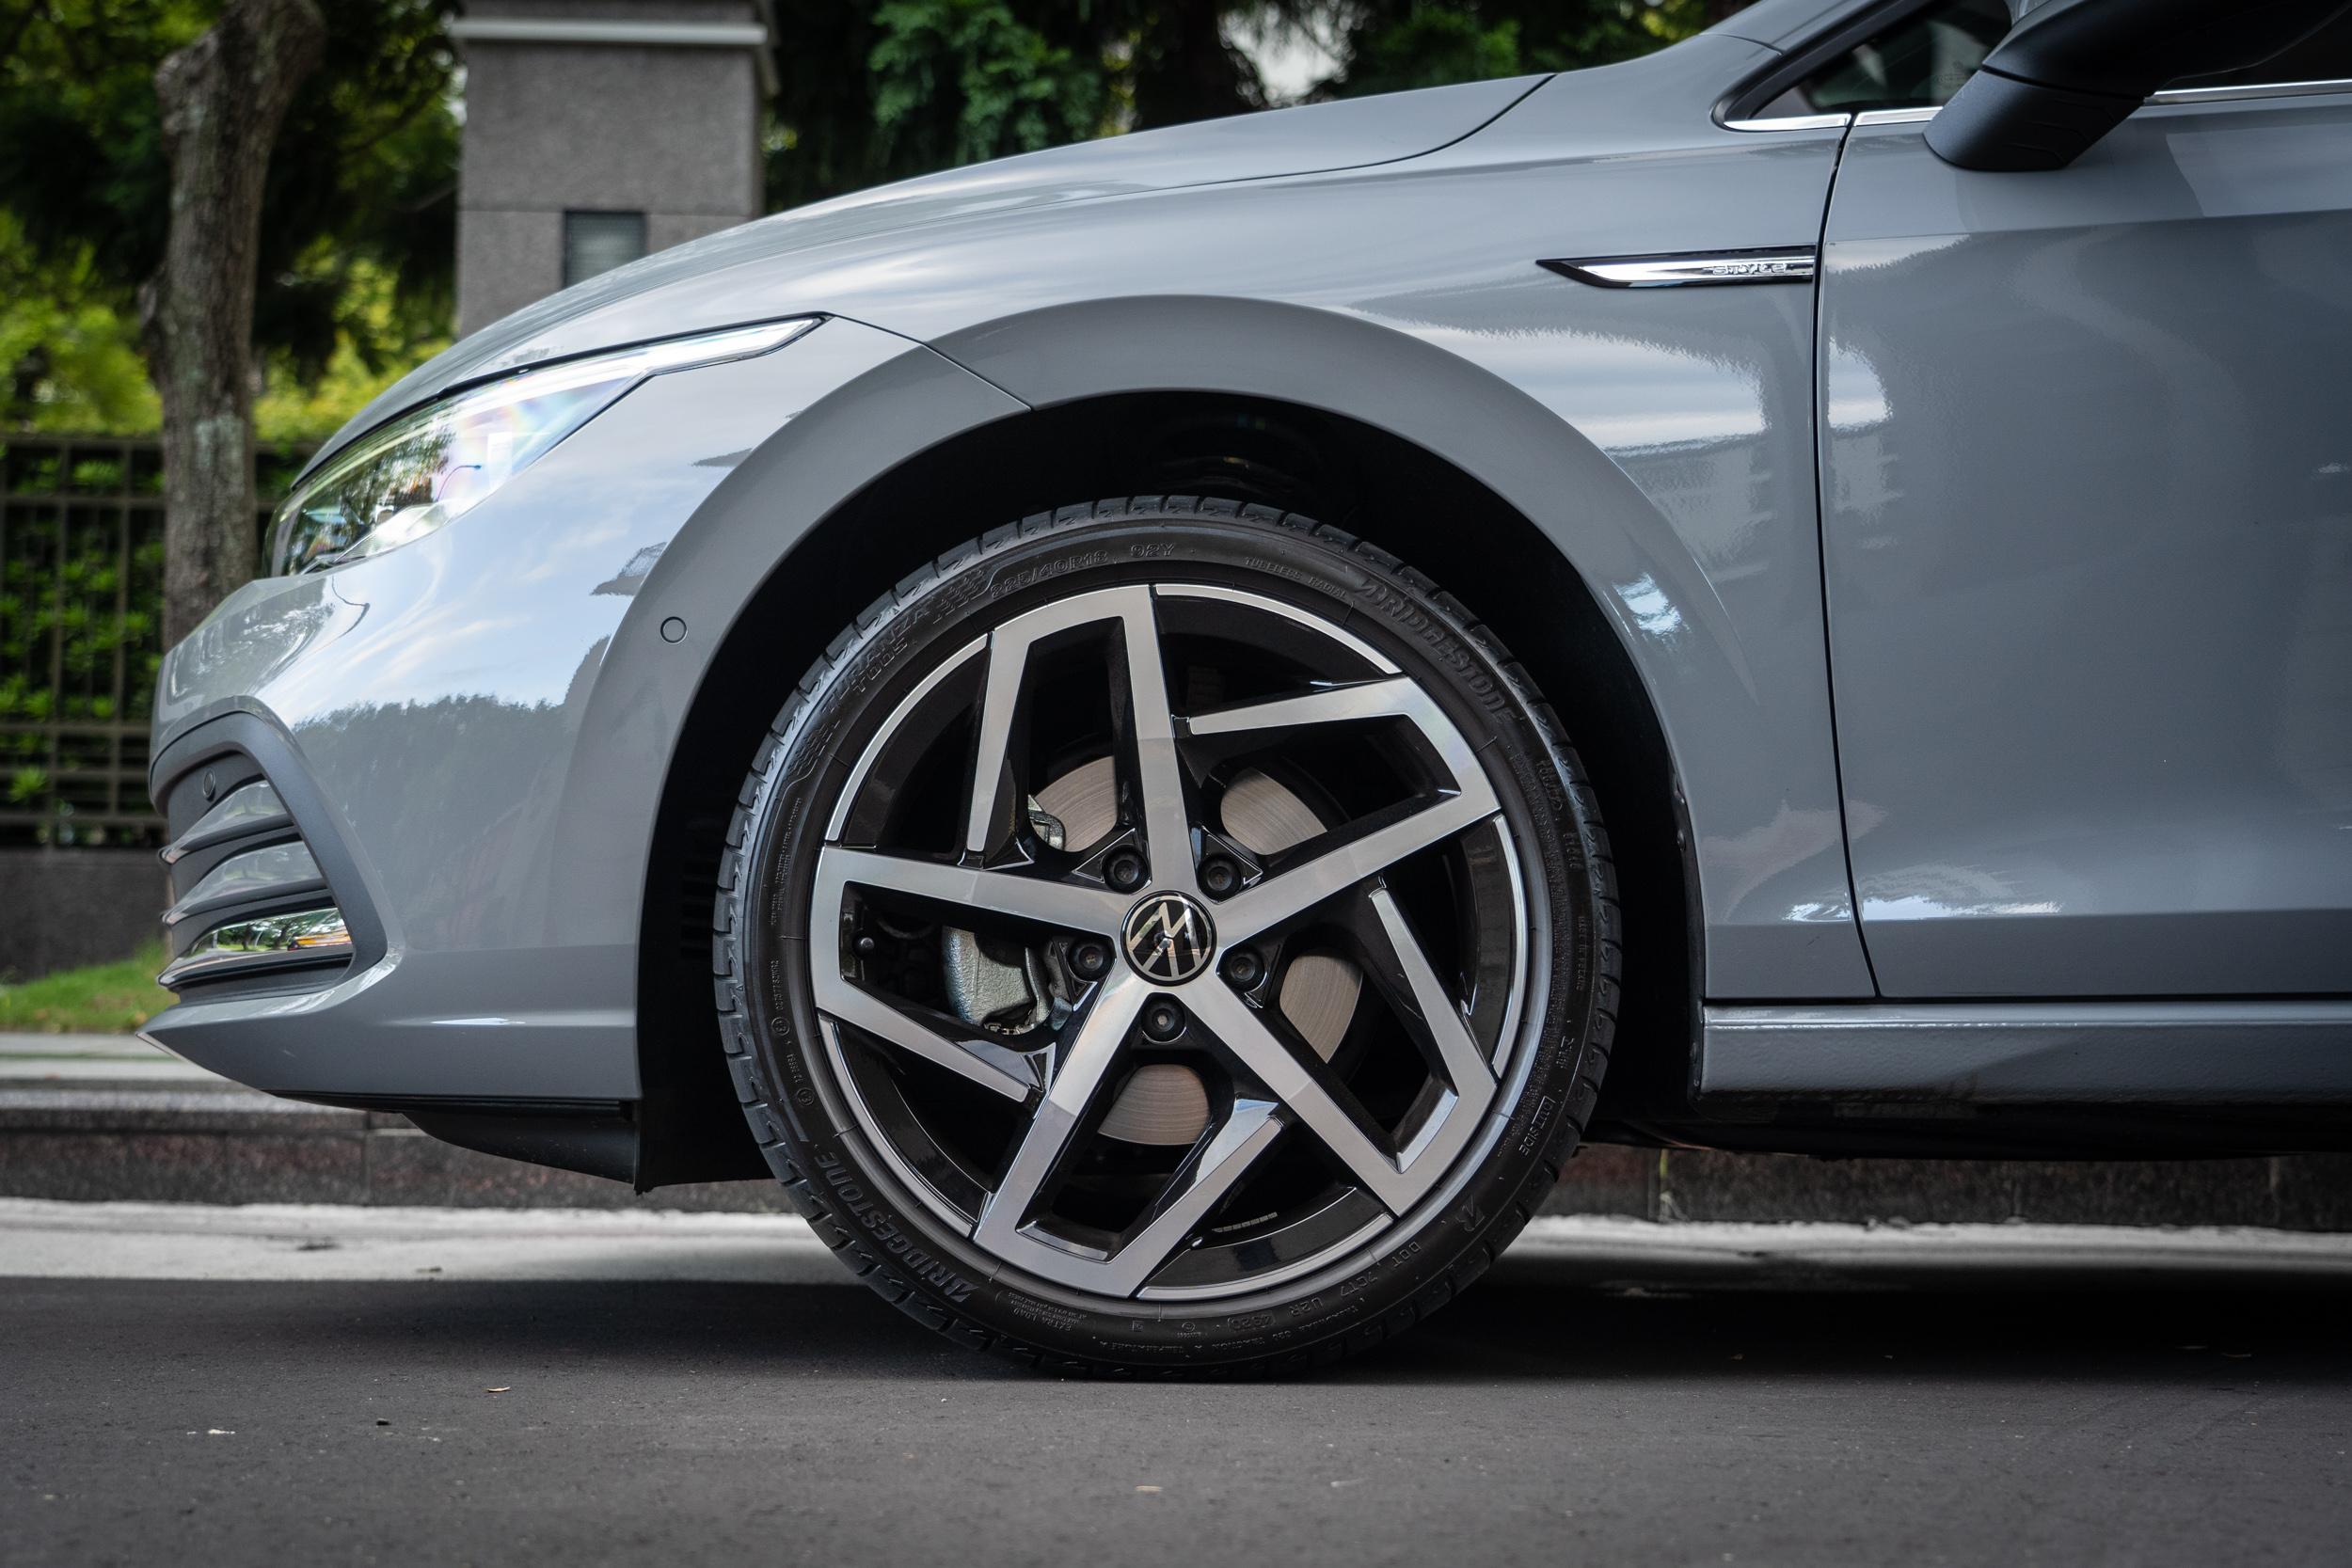 配備 225/40R18 胎圈規格。